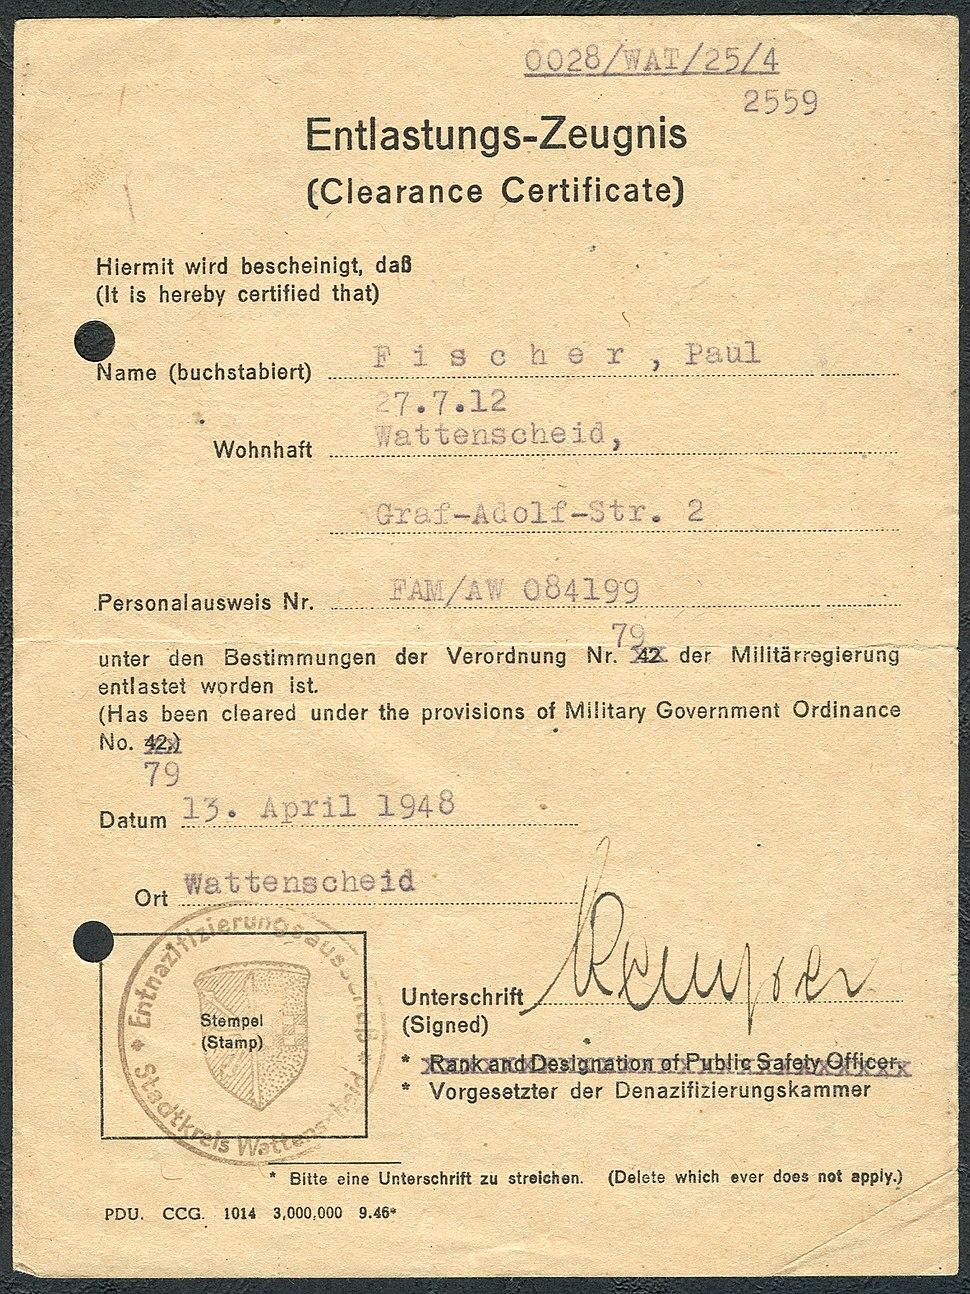 Amtsdokument Paul Fischer 1948 Zivilist Entlastungs-Zeugnis Clearance Certificate Entnazifizierungsausschuß Stadtkreis Wattenscheid